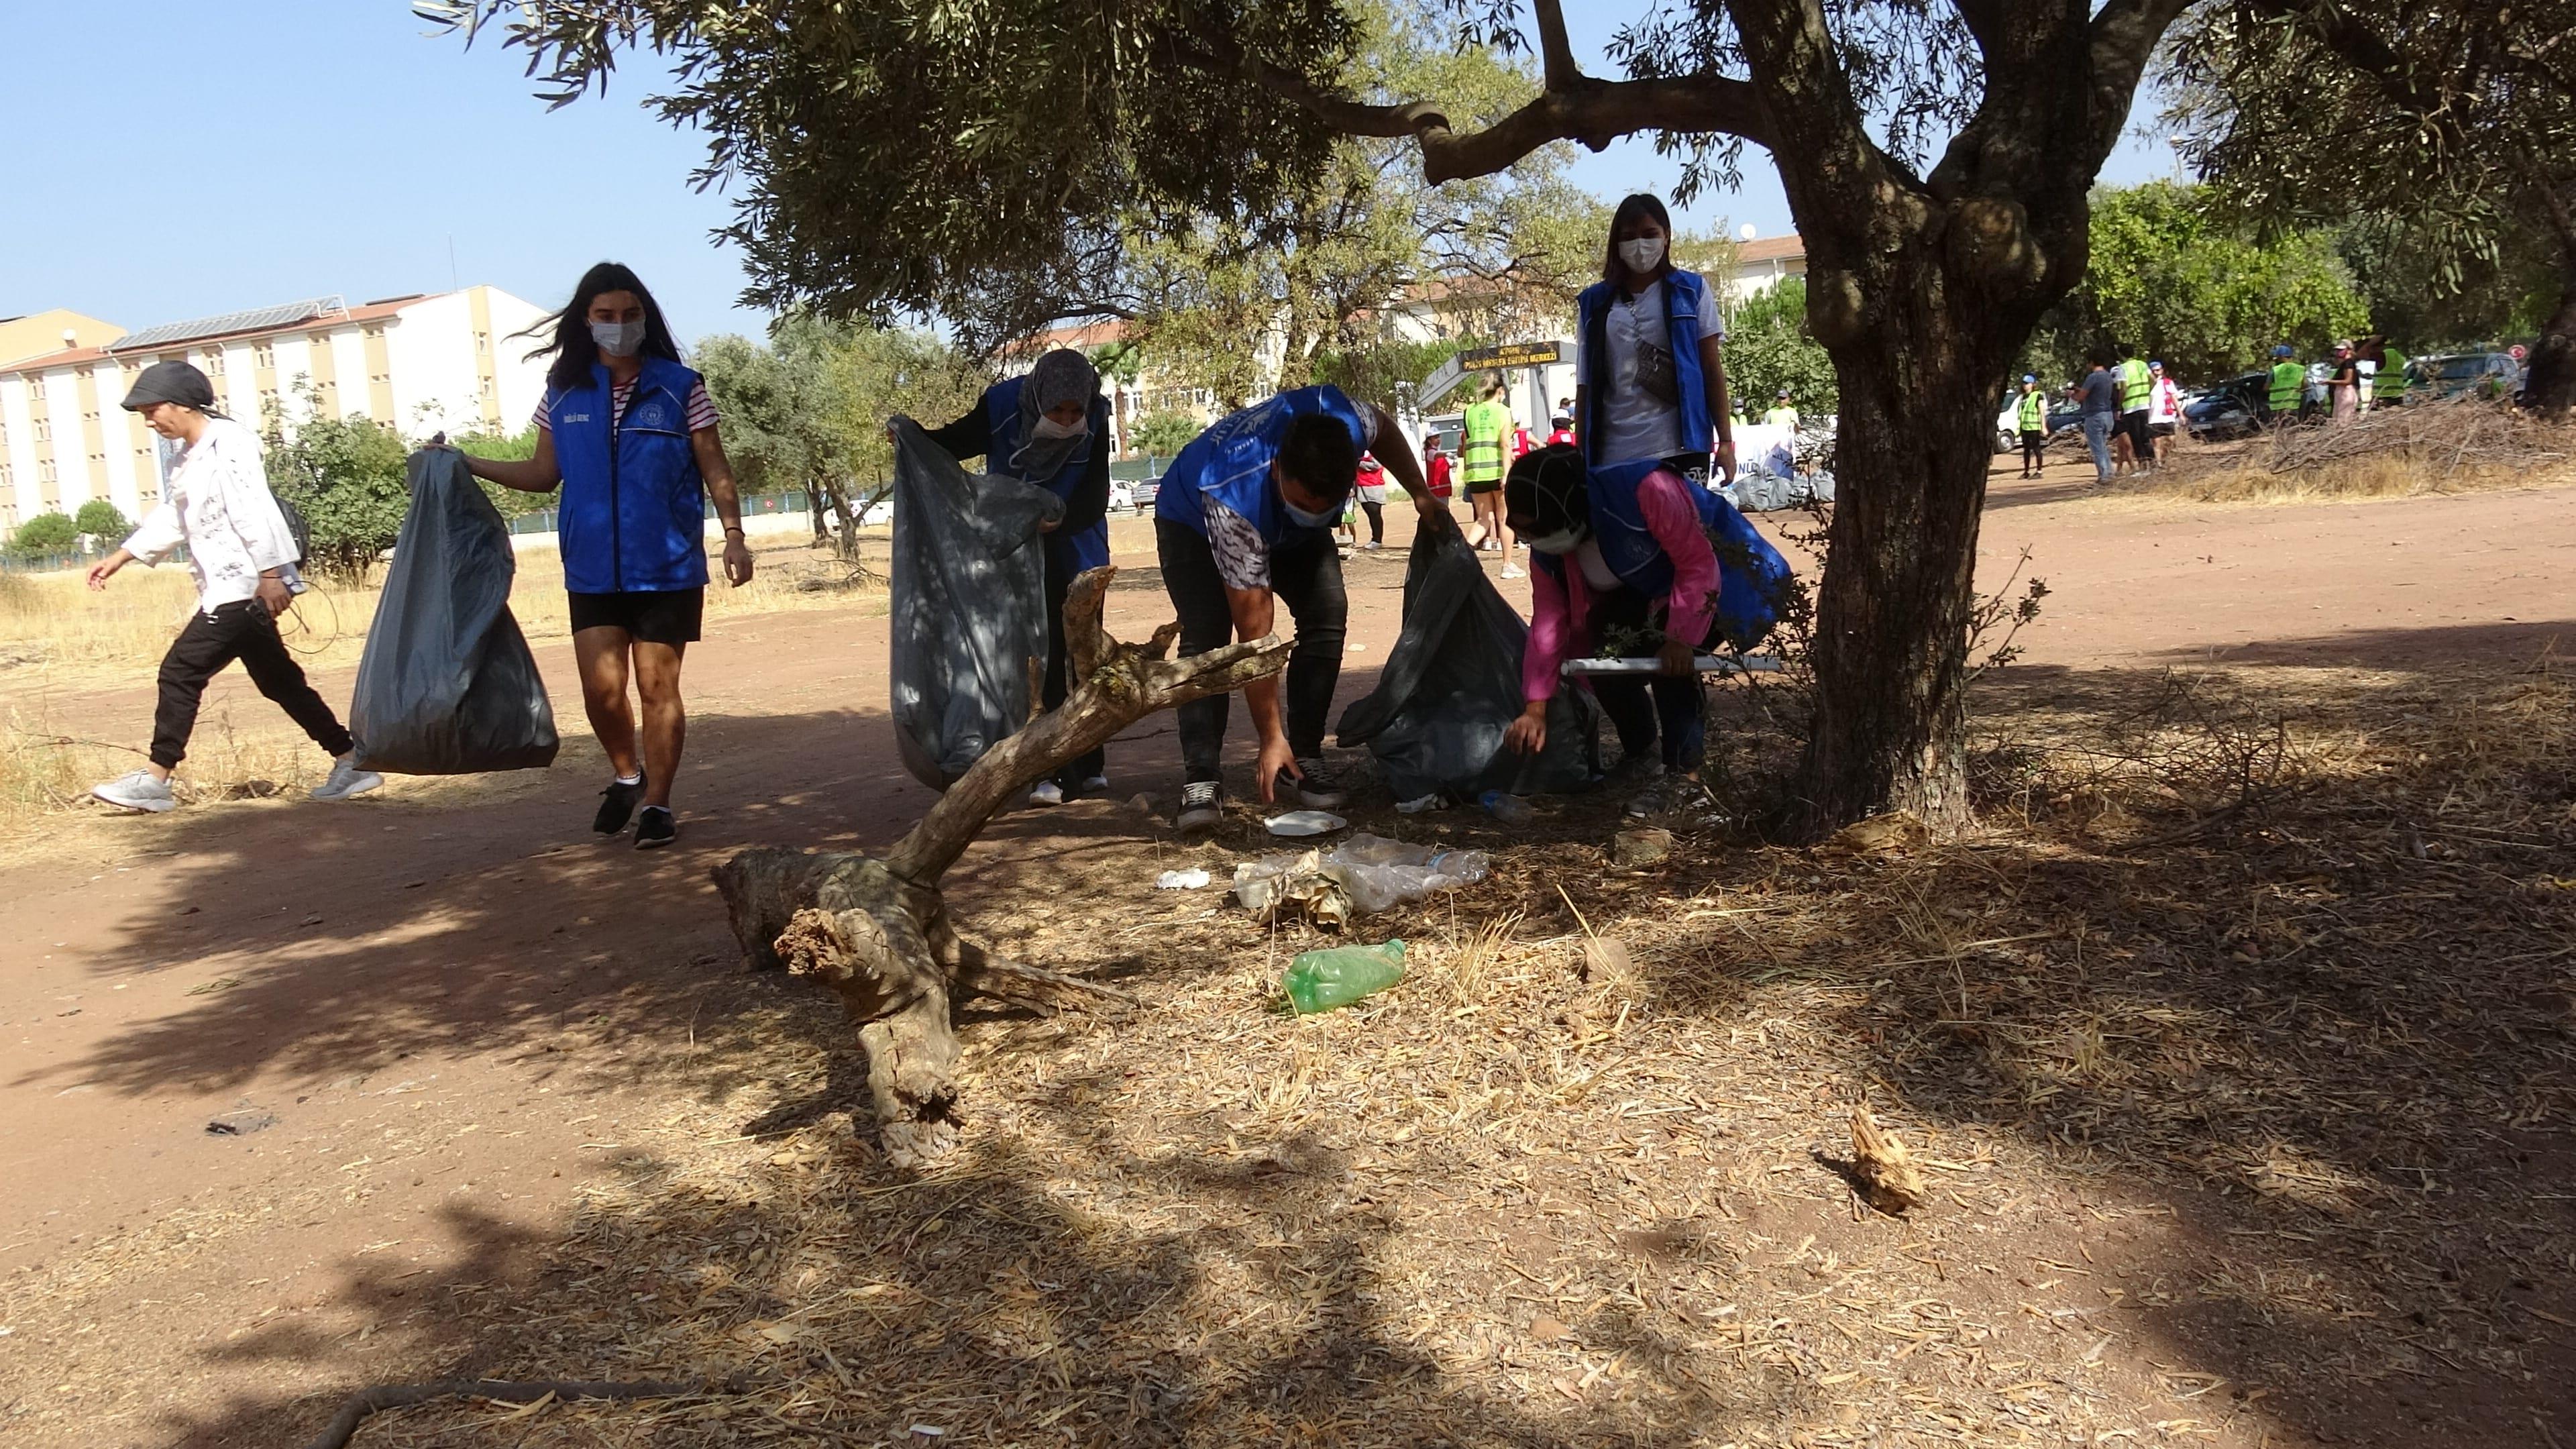 Aydınlı gönüllüler Dünya Temizlik Gününde çöp topladı